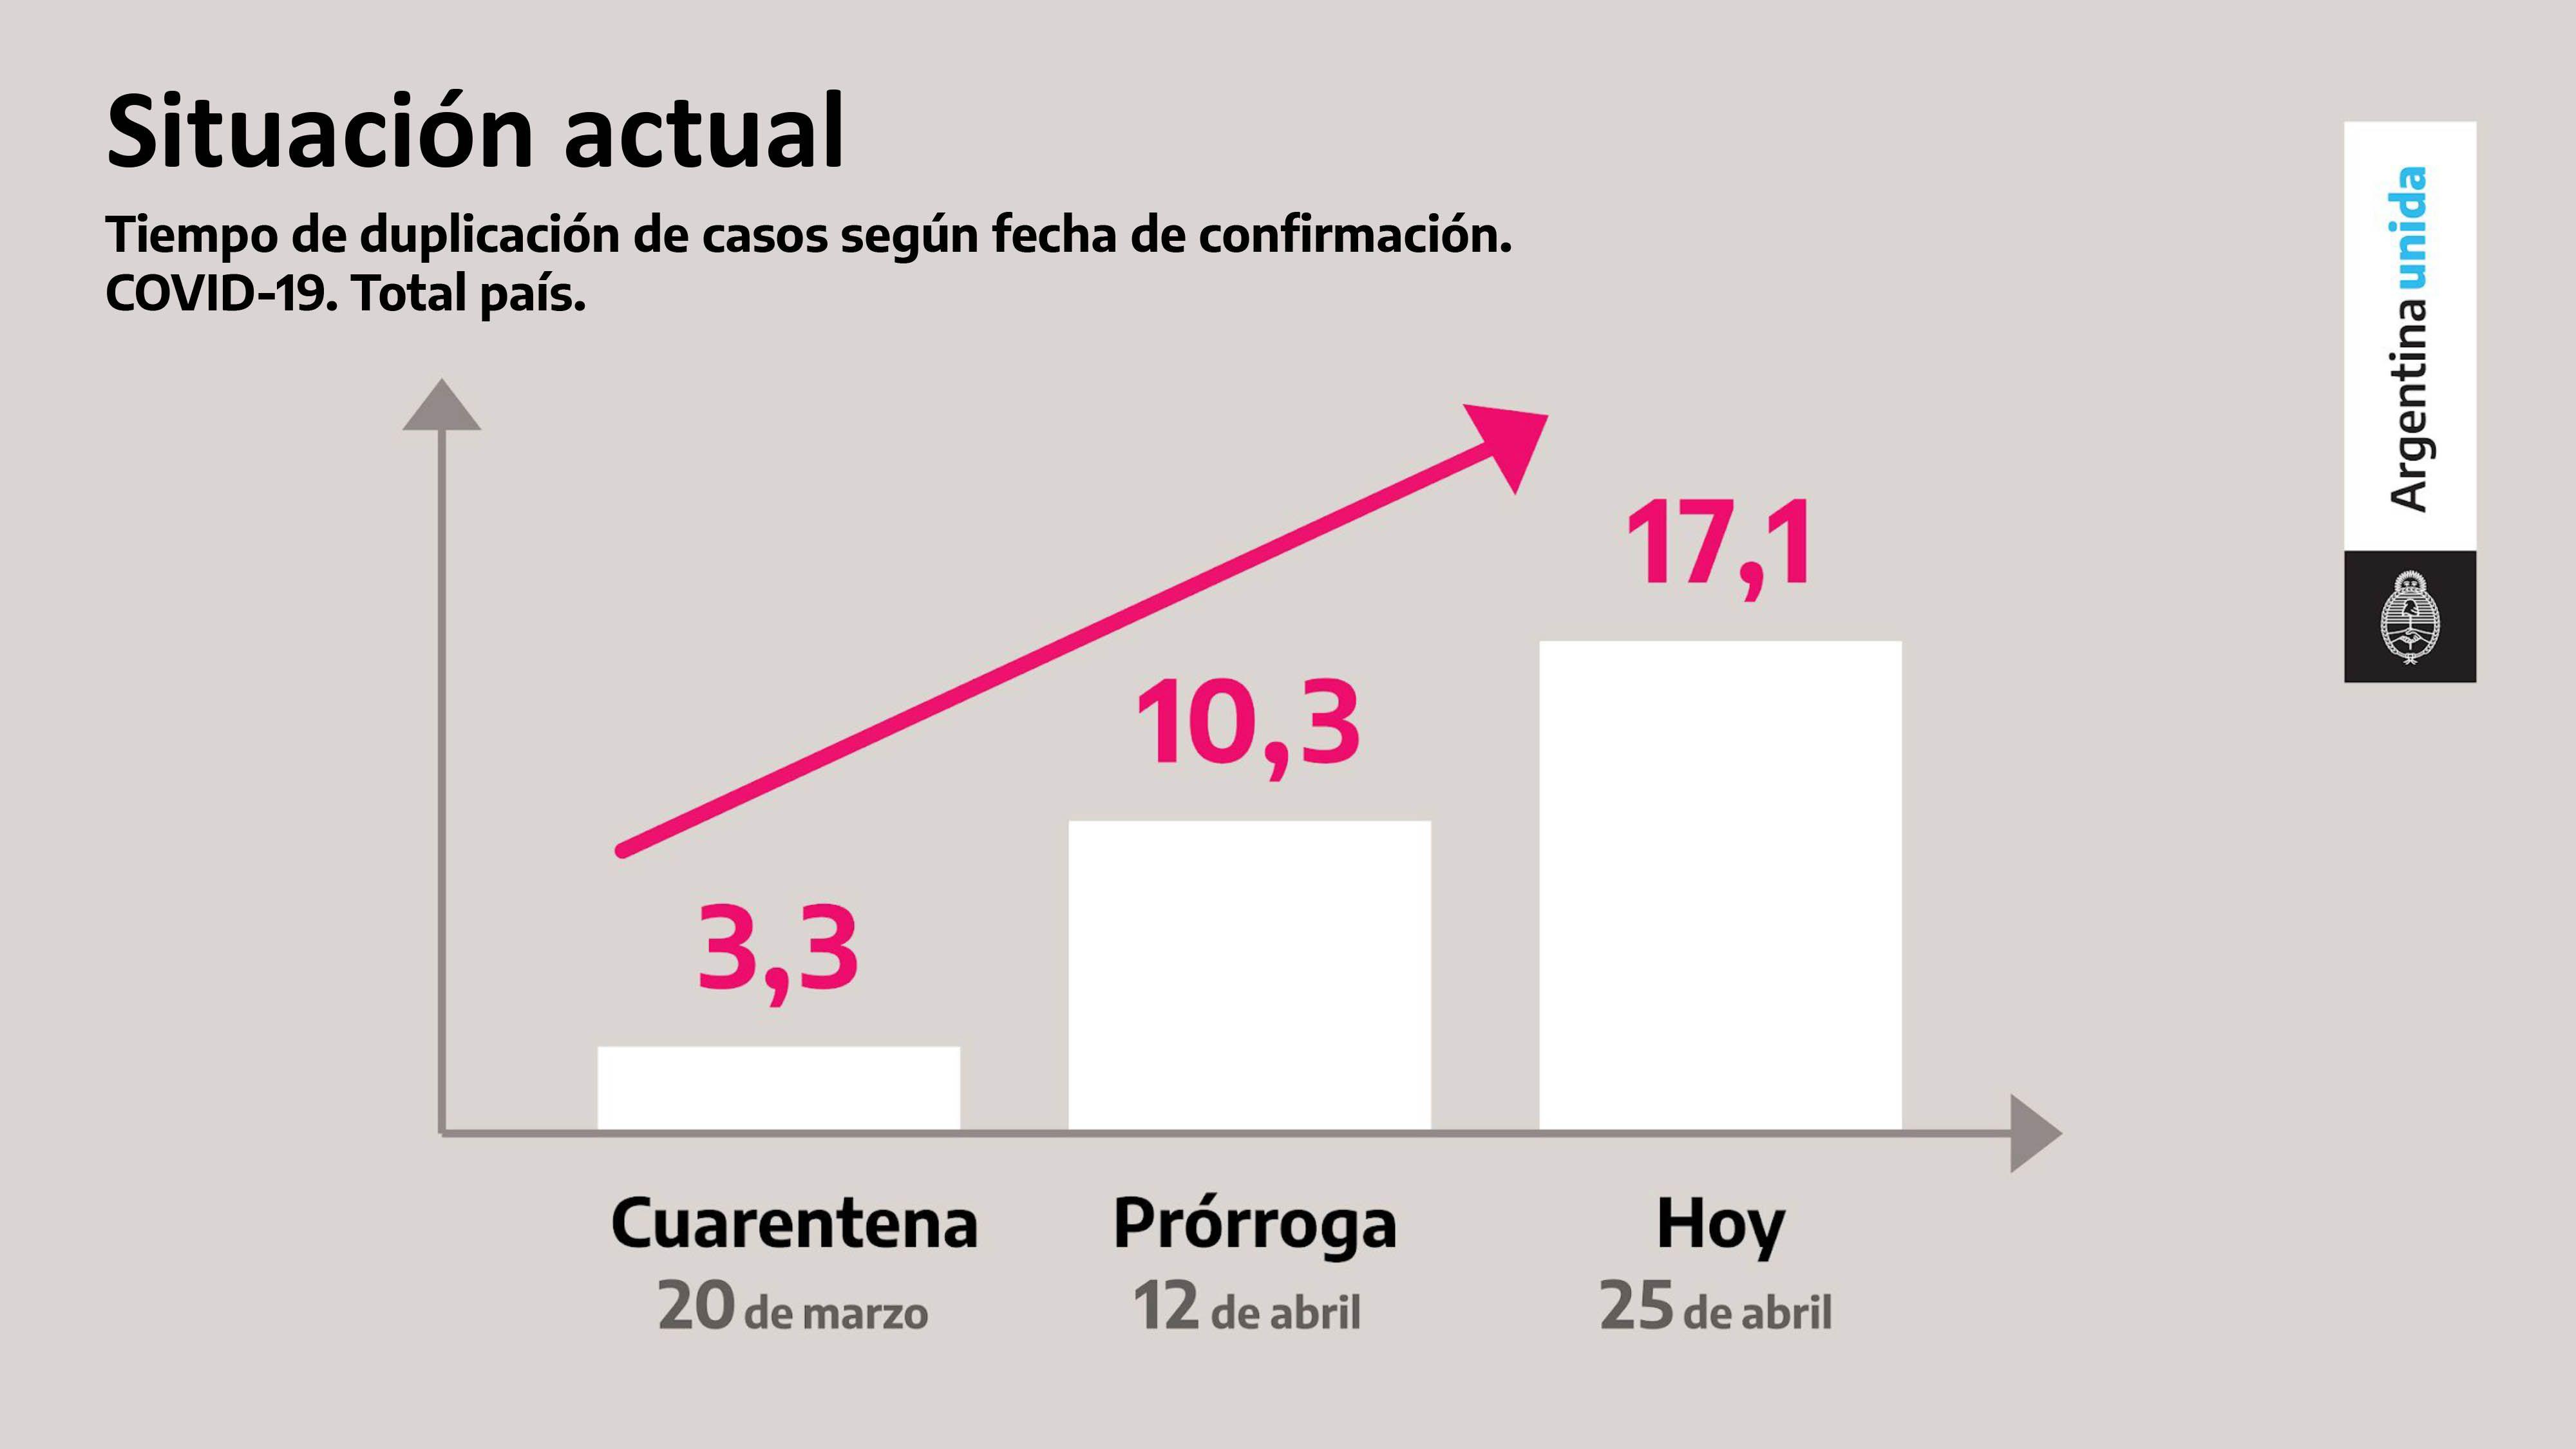 Cuadro explicativo sobre la evolución de la pandemia en la Argentina